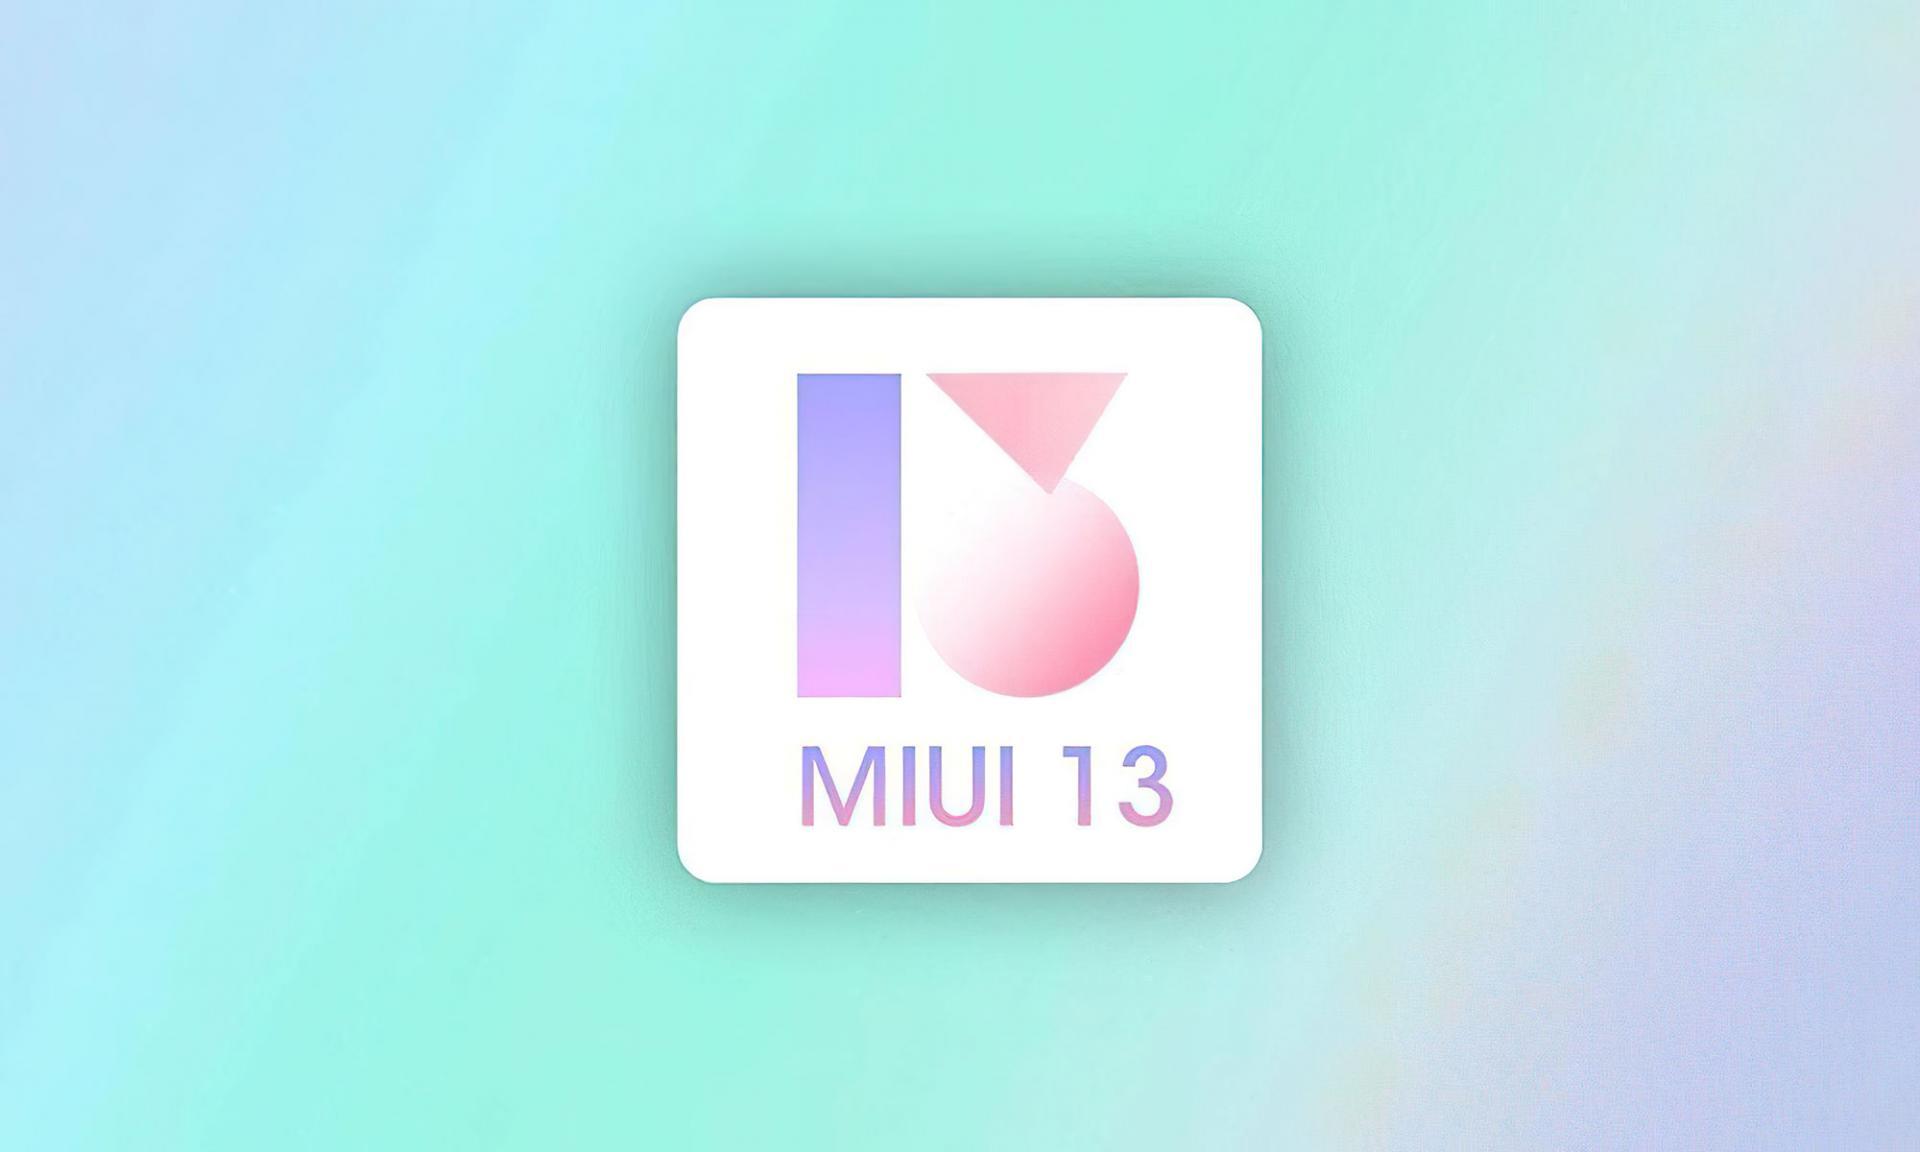 Уже известная дата выхода MIUI 13. Обновление достанется невсем